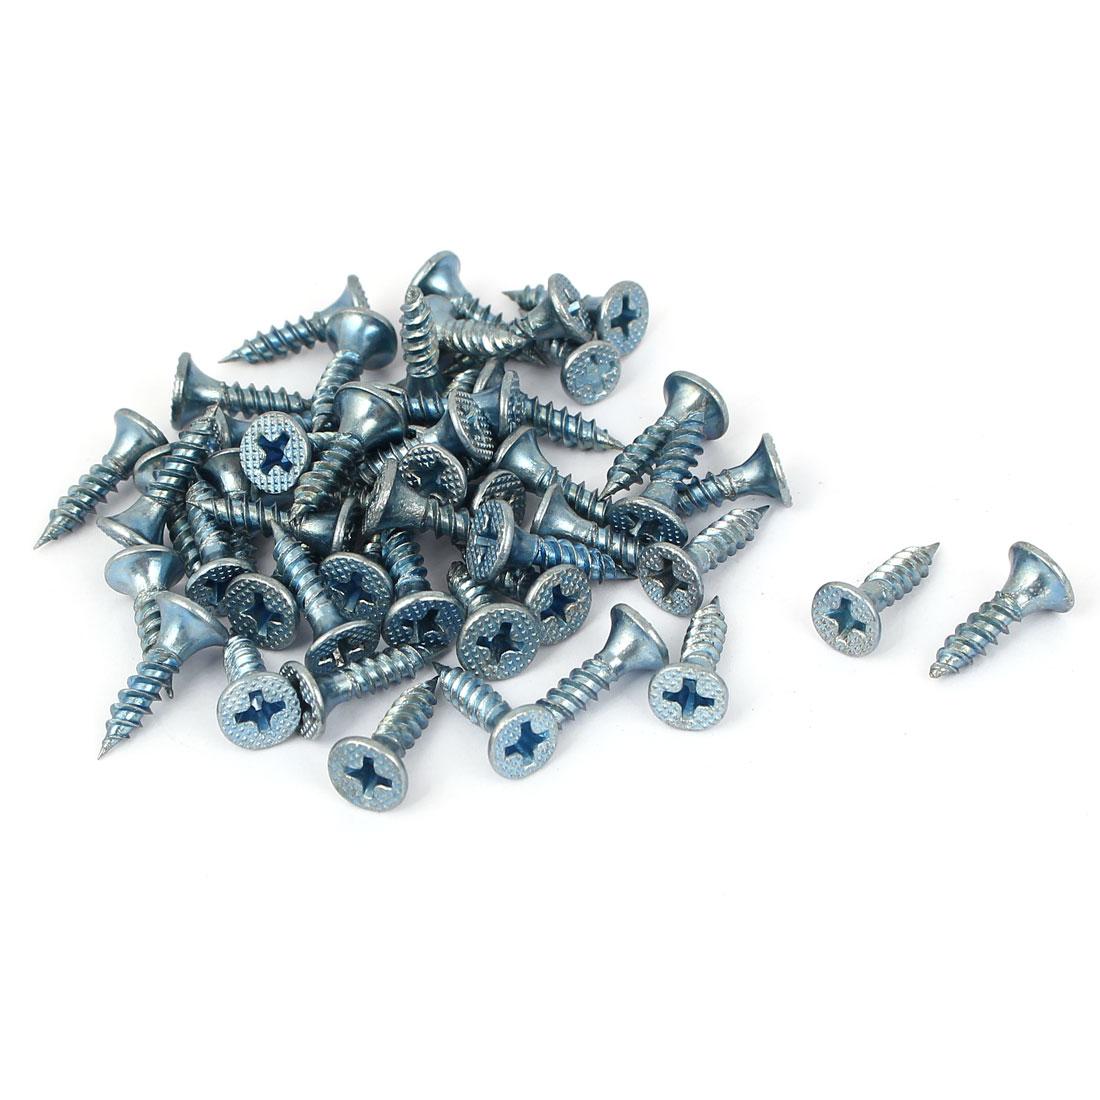 M3.5x16mm Zinc Plated Phillips Flat Head Self Tapping Screws Fastener 50pcs